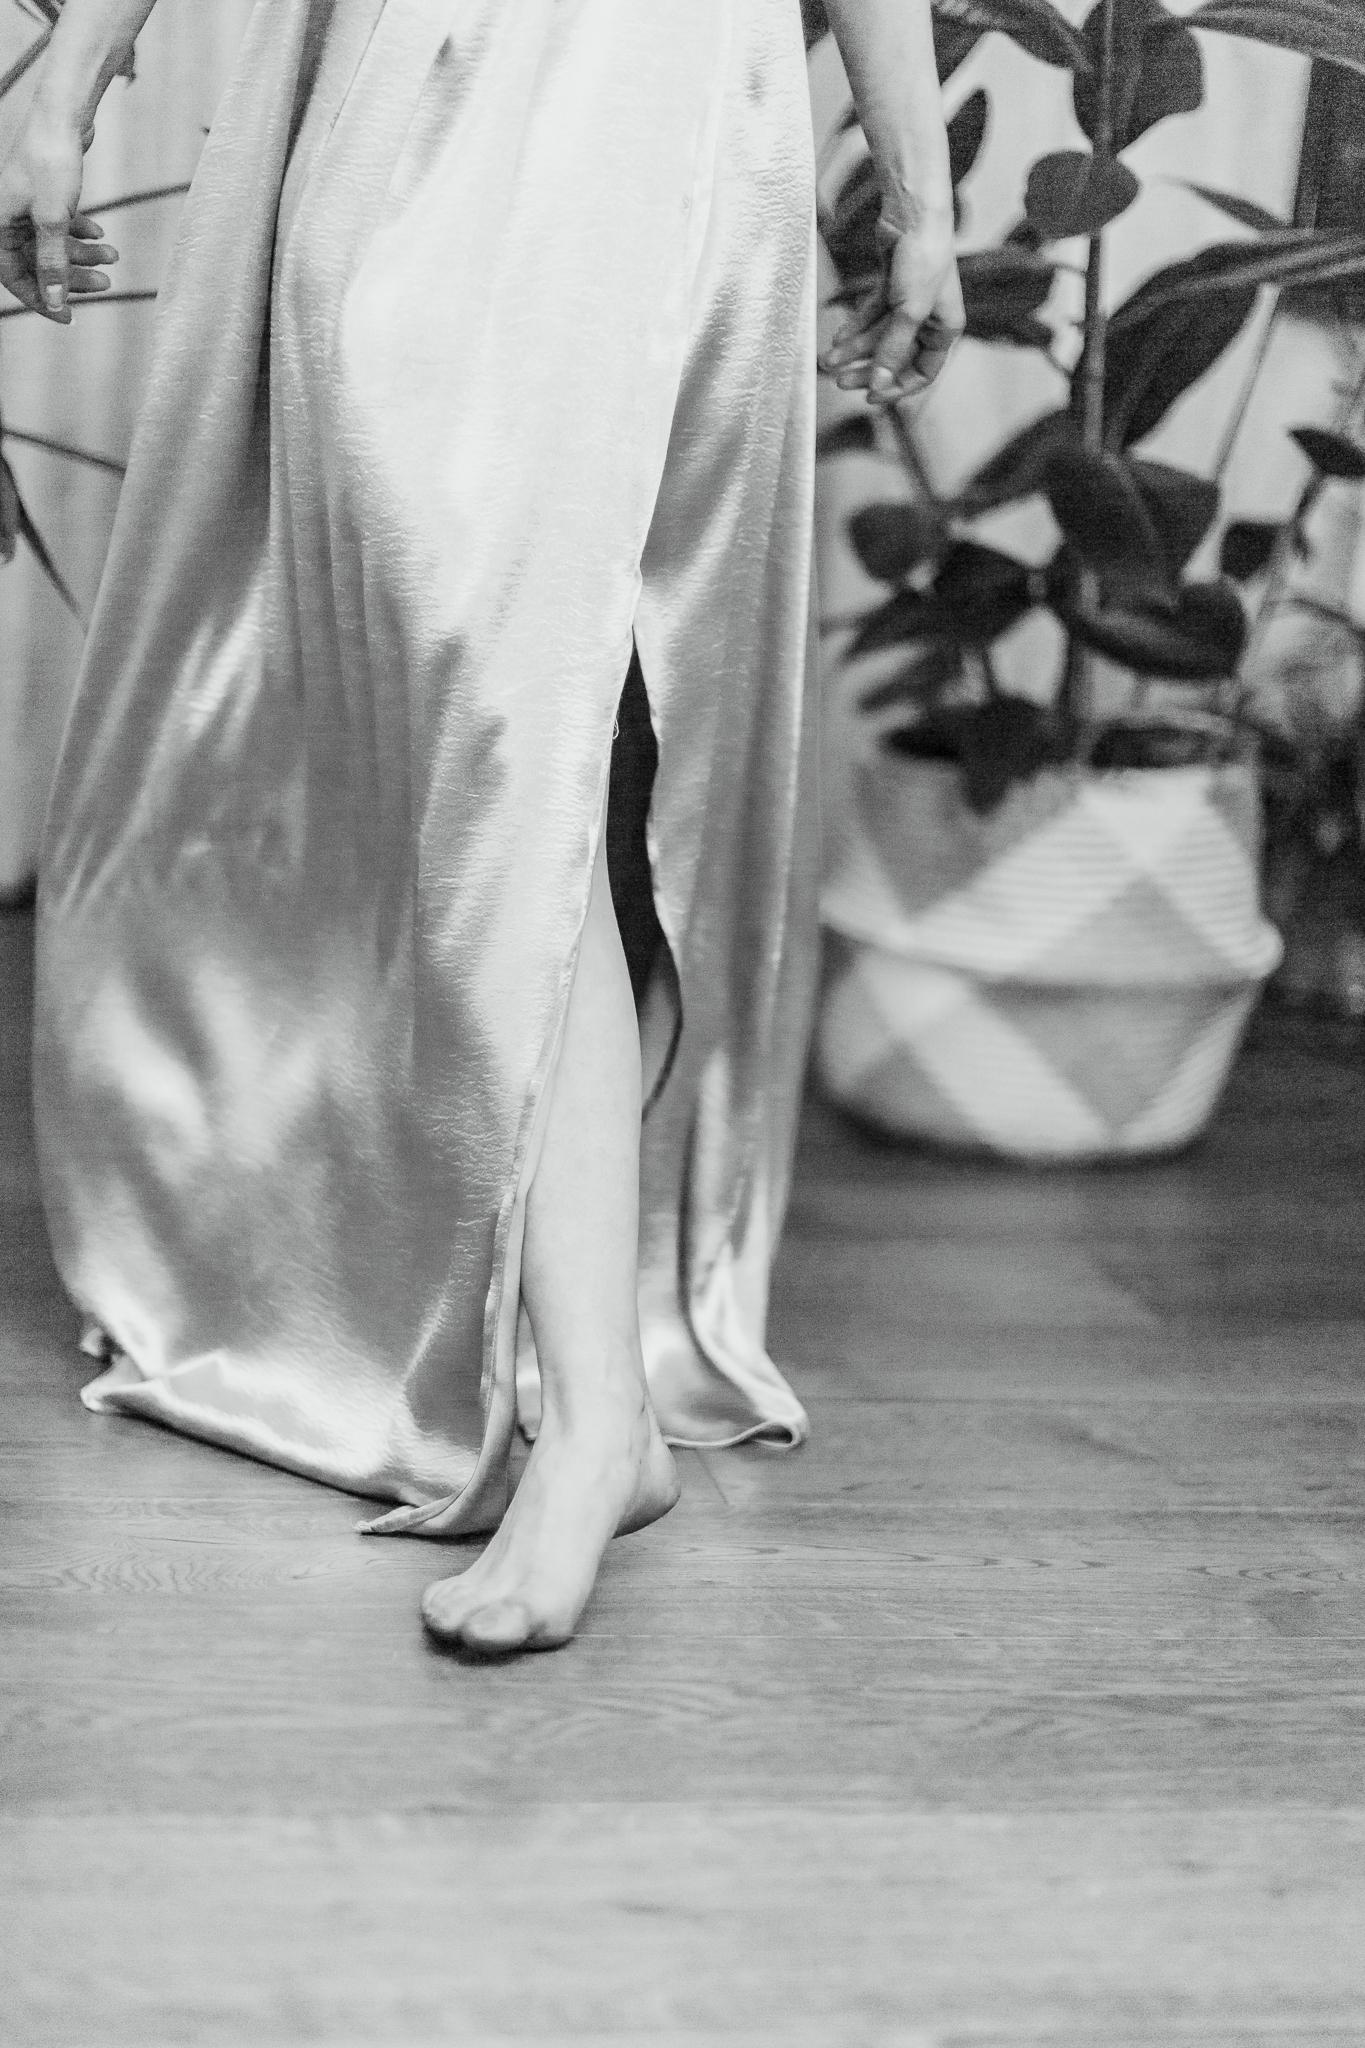 Joana Senkute Photography - Sandra Zeringyte_Editorial Photo Session_Holland Park_London_2017_Joana Senkute Photogpahy.jpg